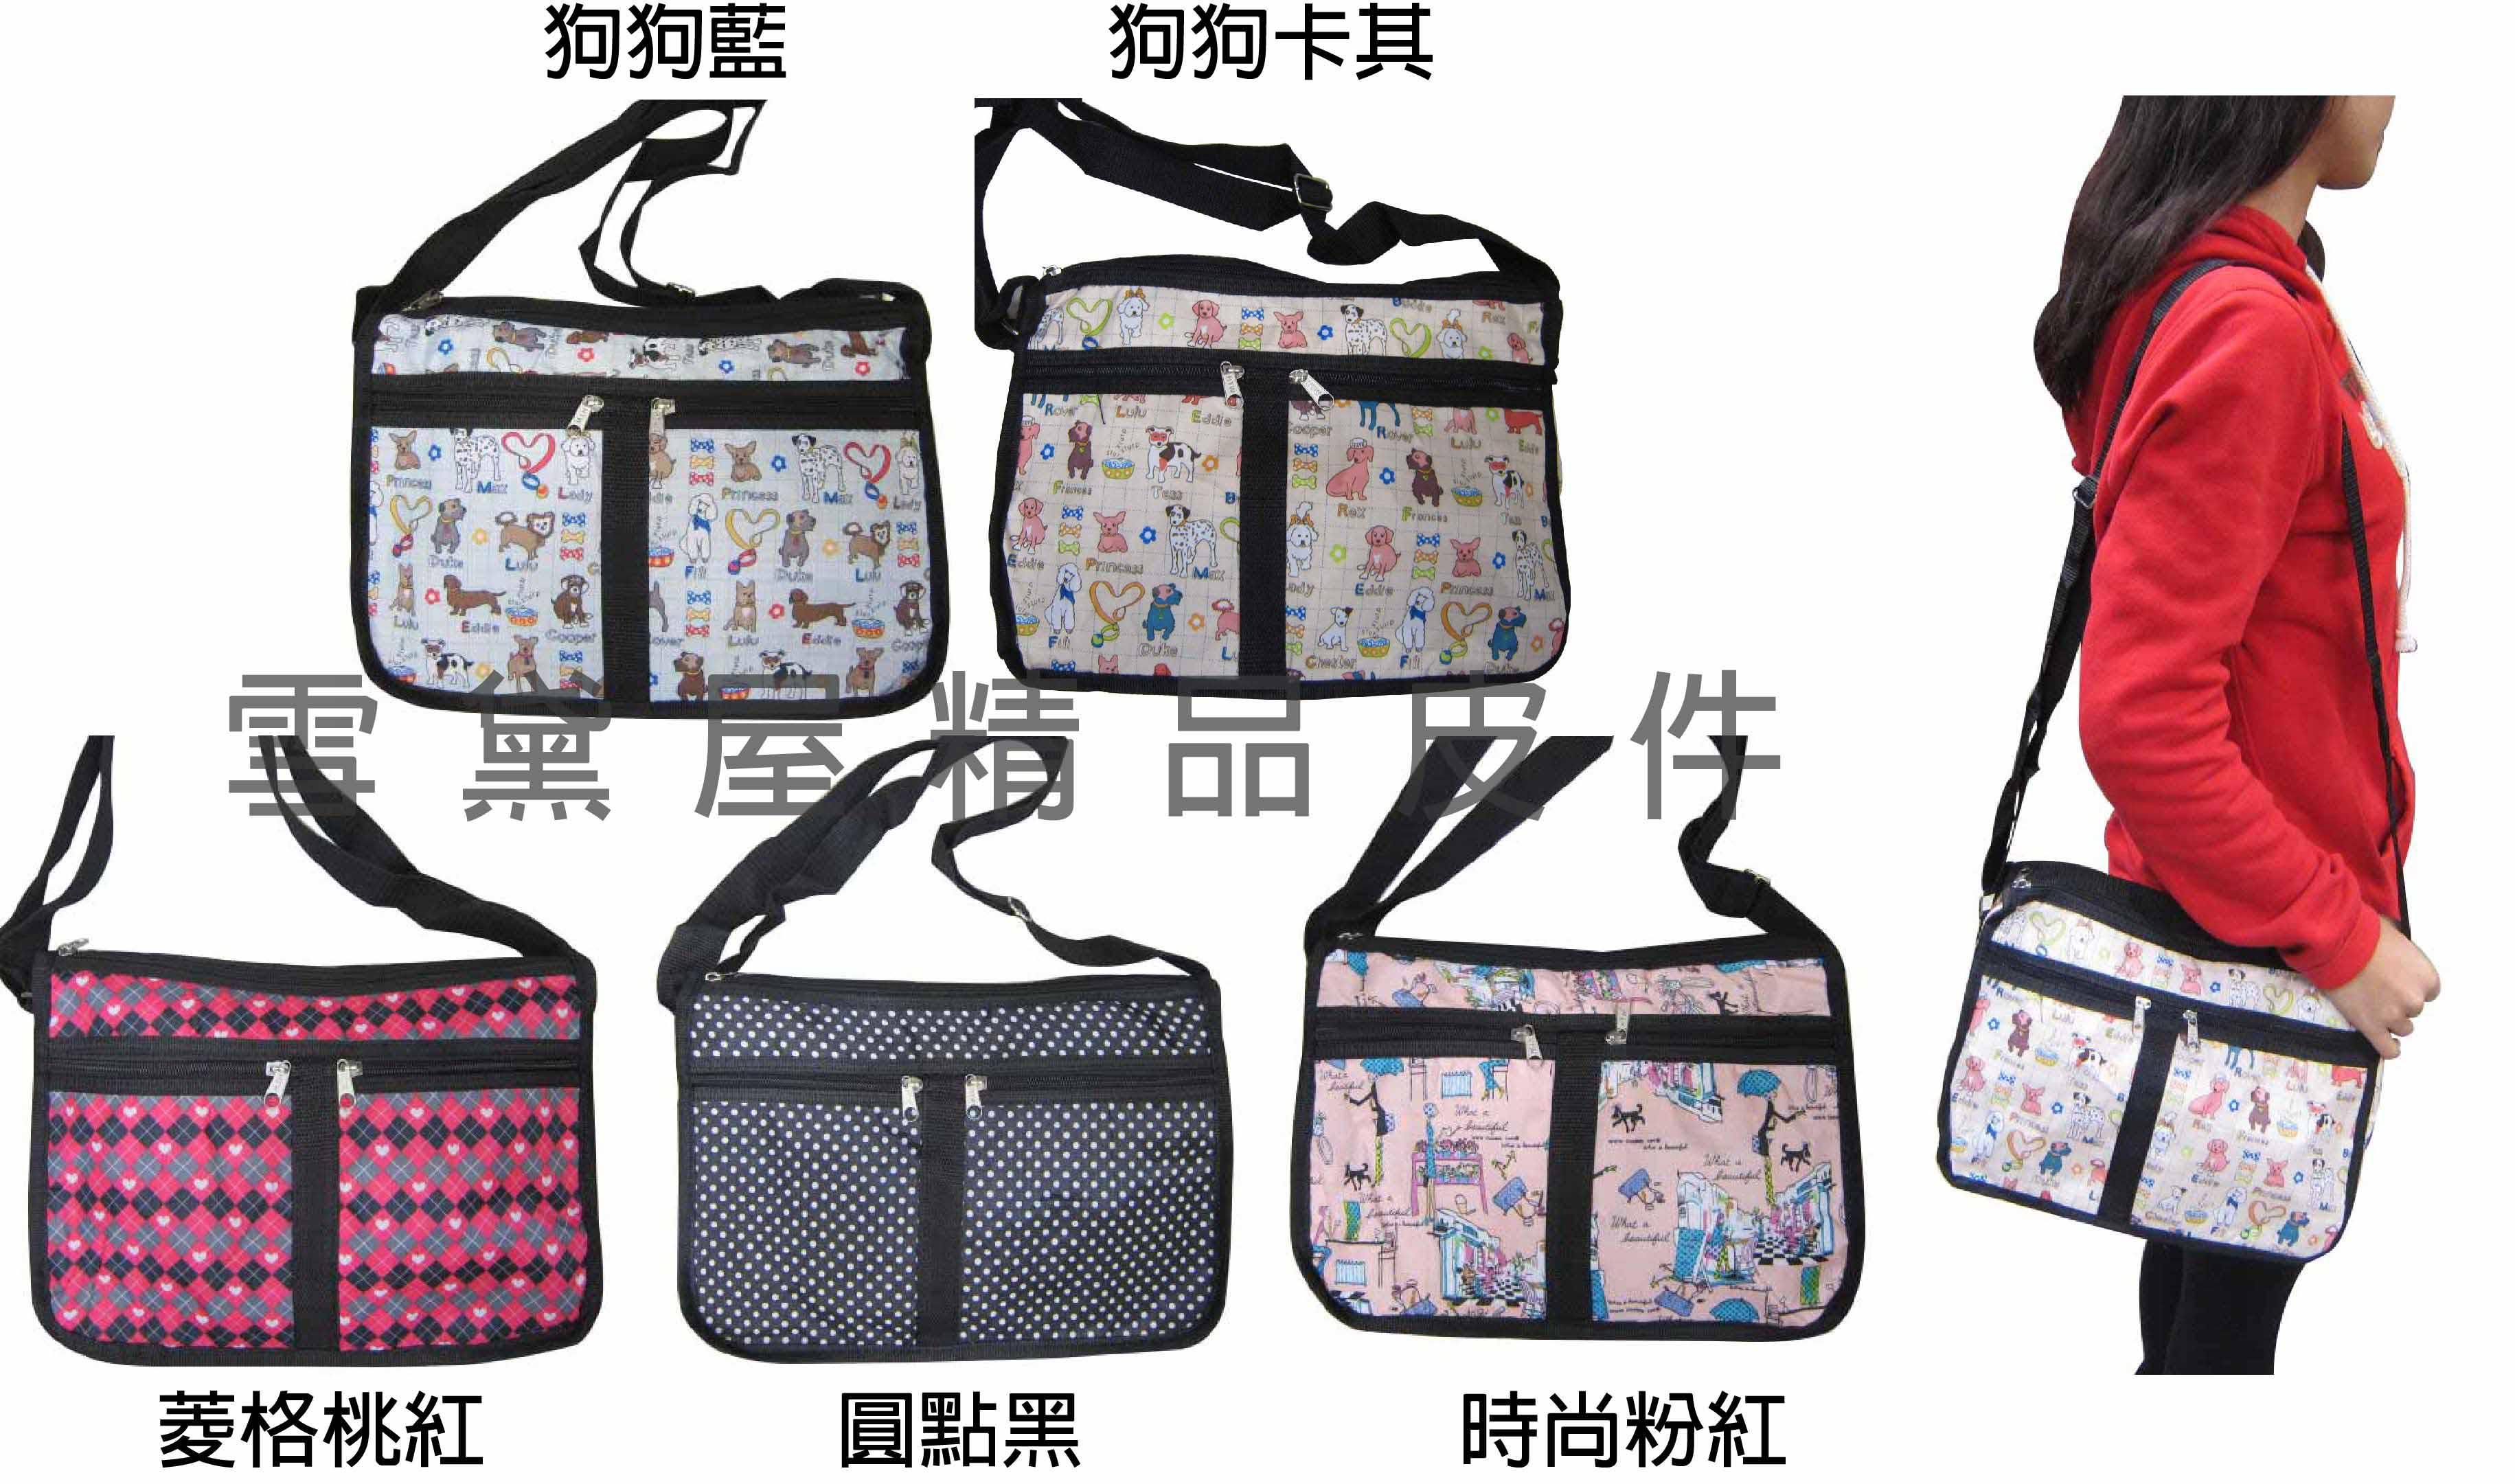 ~雪黛屋~Lian 斜側包隨身包隨身物品專用包超輕量防水尼龍布材質二層拉鍊式主袋口設計 #1588